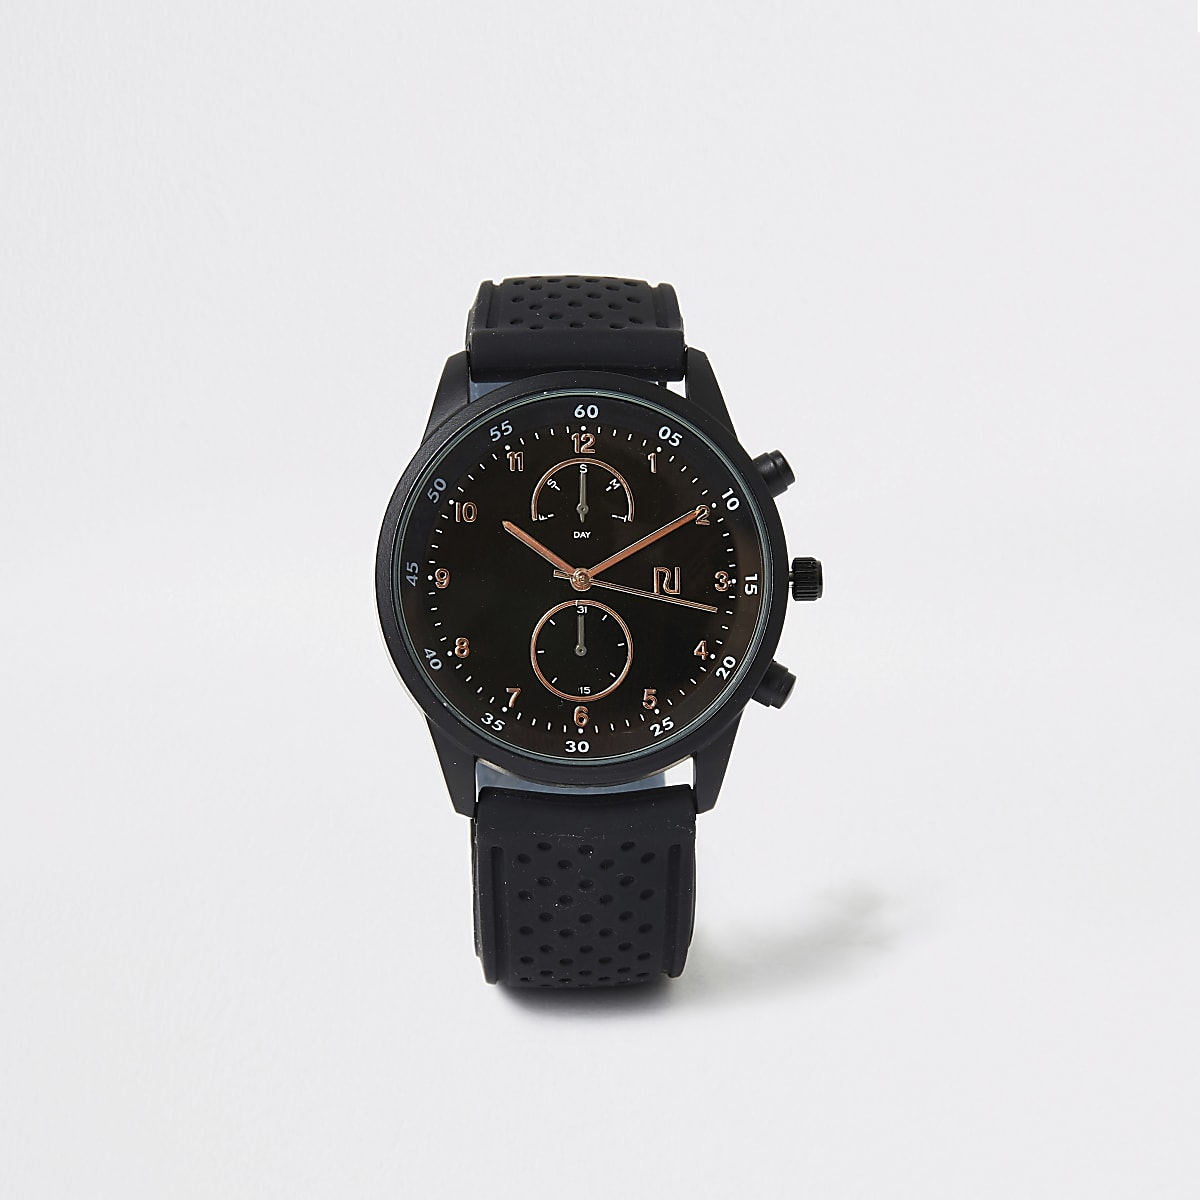 Montre ronde avec bracelet en plastique noirperforé